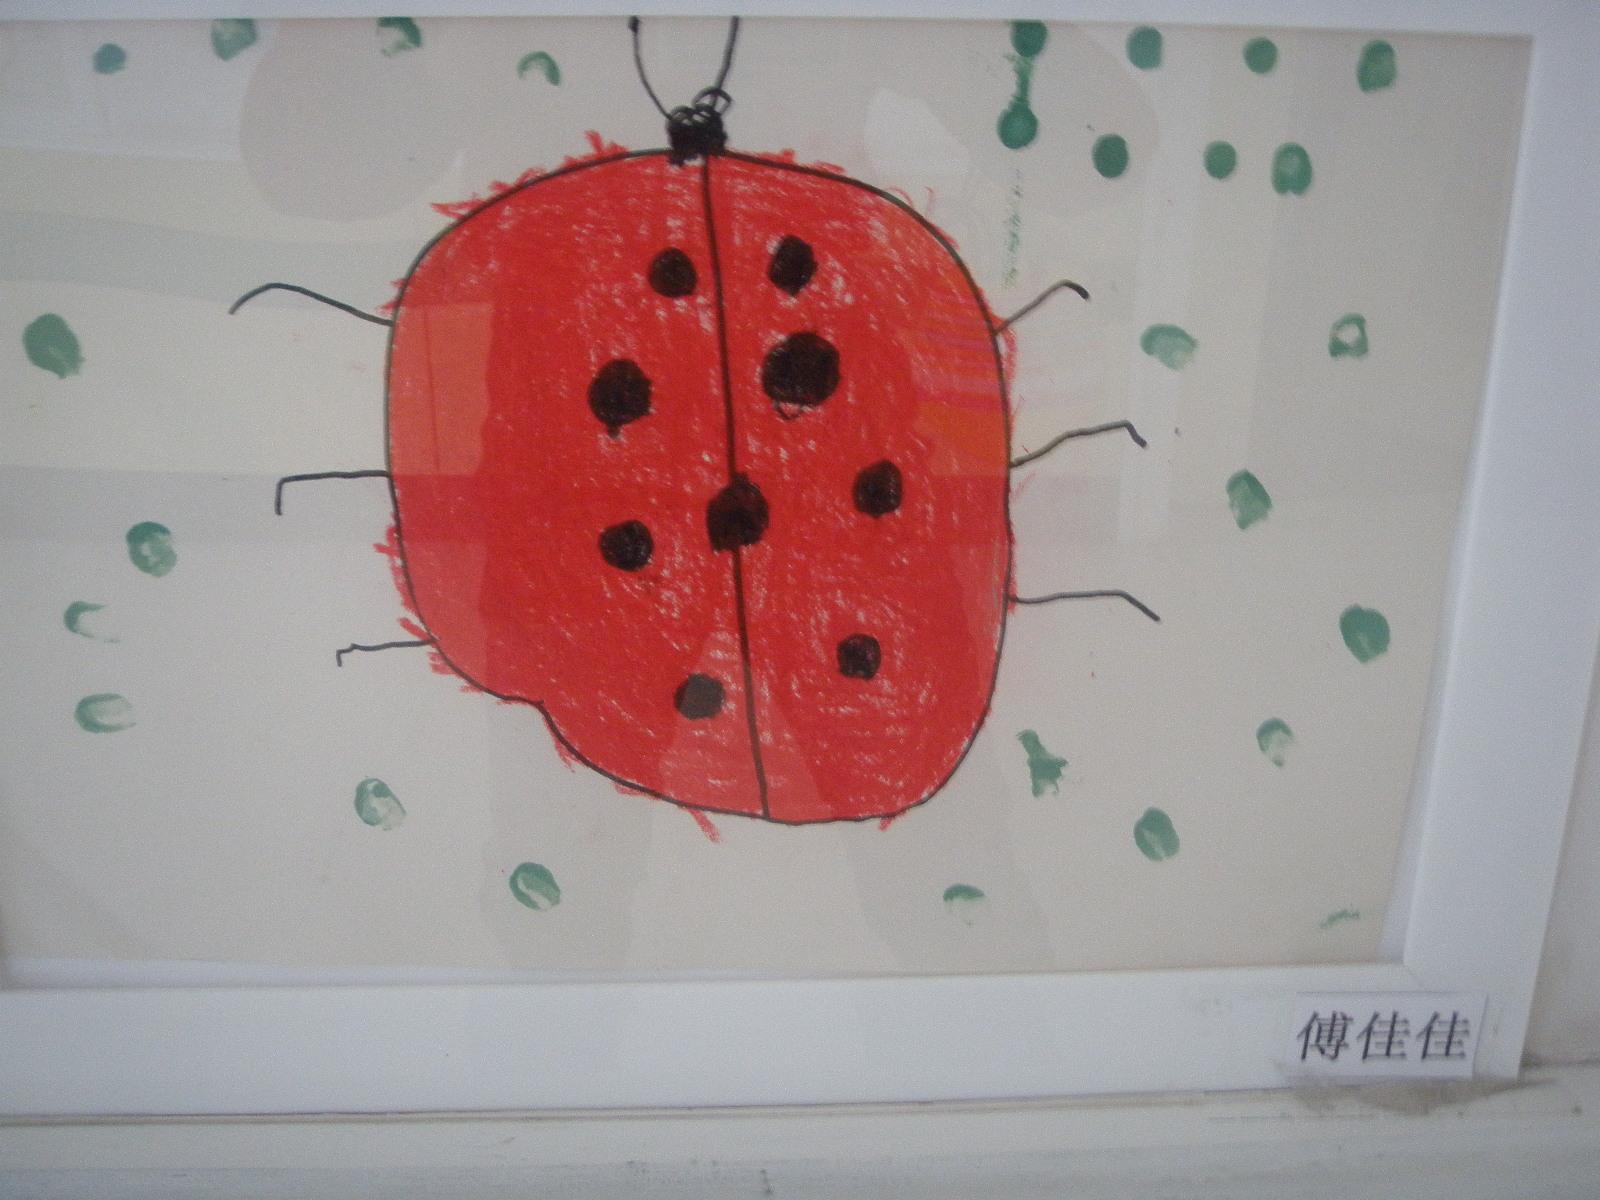 记住哦,七星瓢虫是益虫,那么就应该画7个点哦.